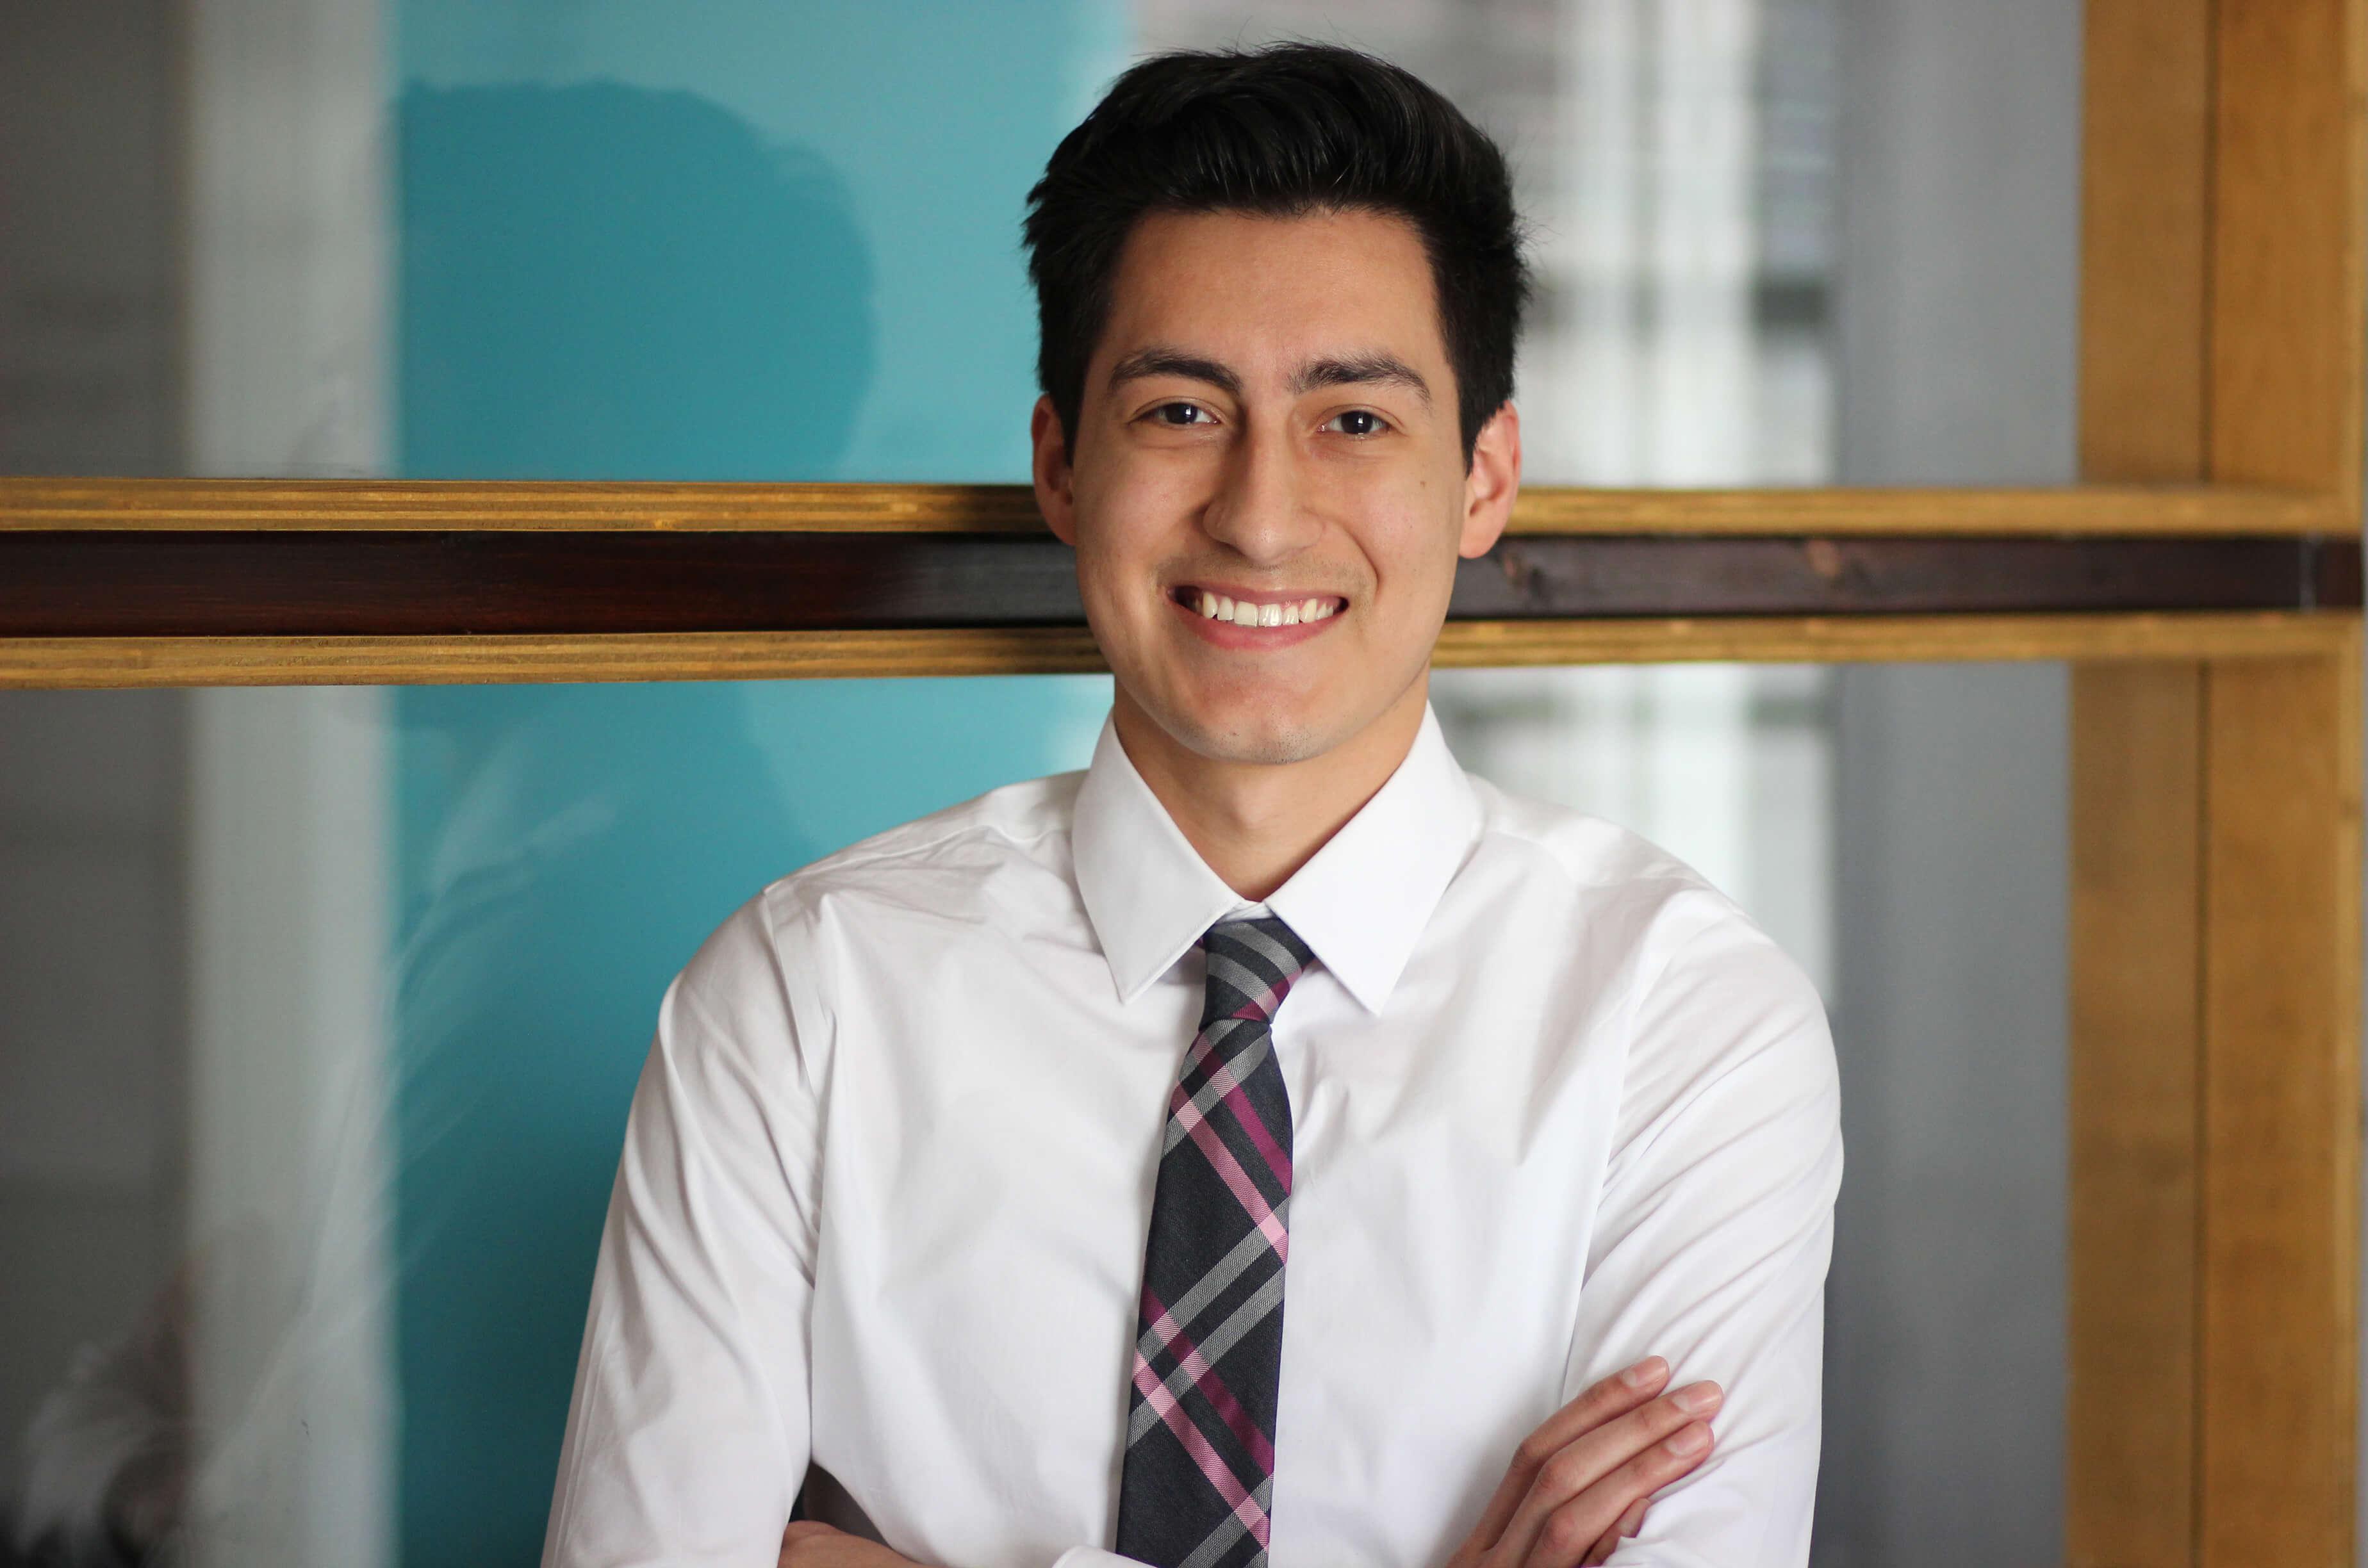 Jessie Elizondo Jr. Marketing Director